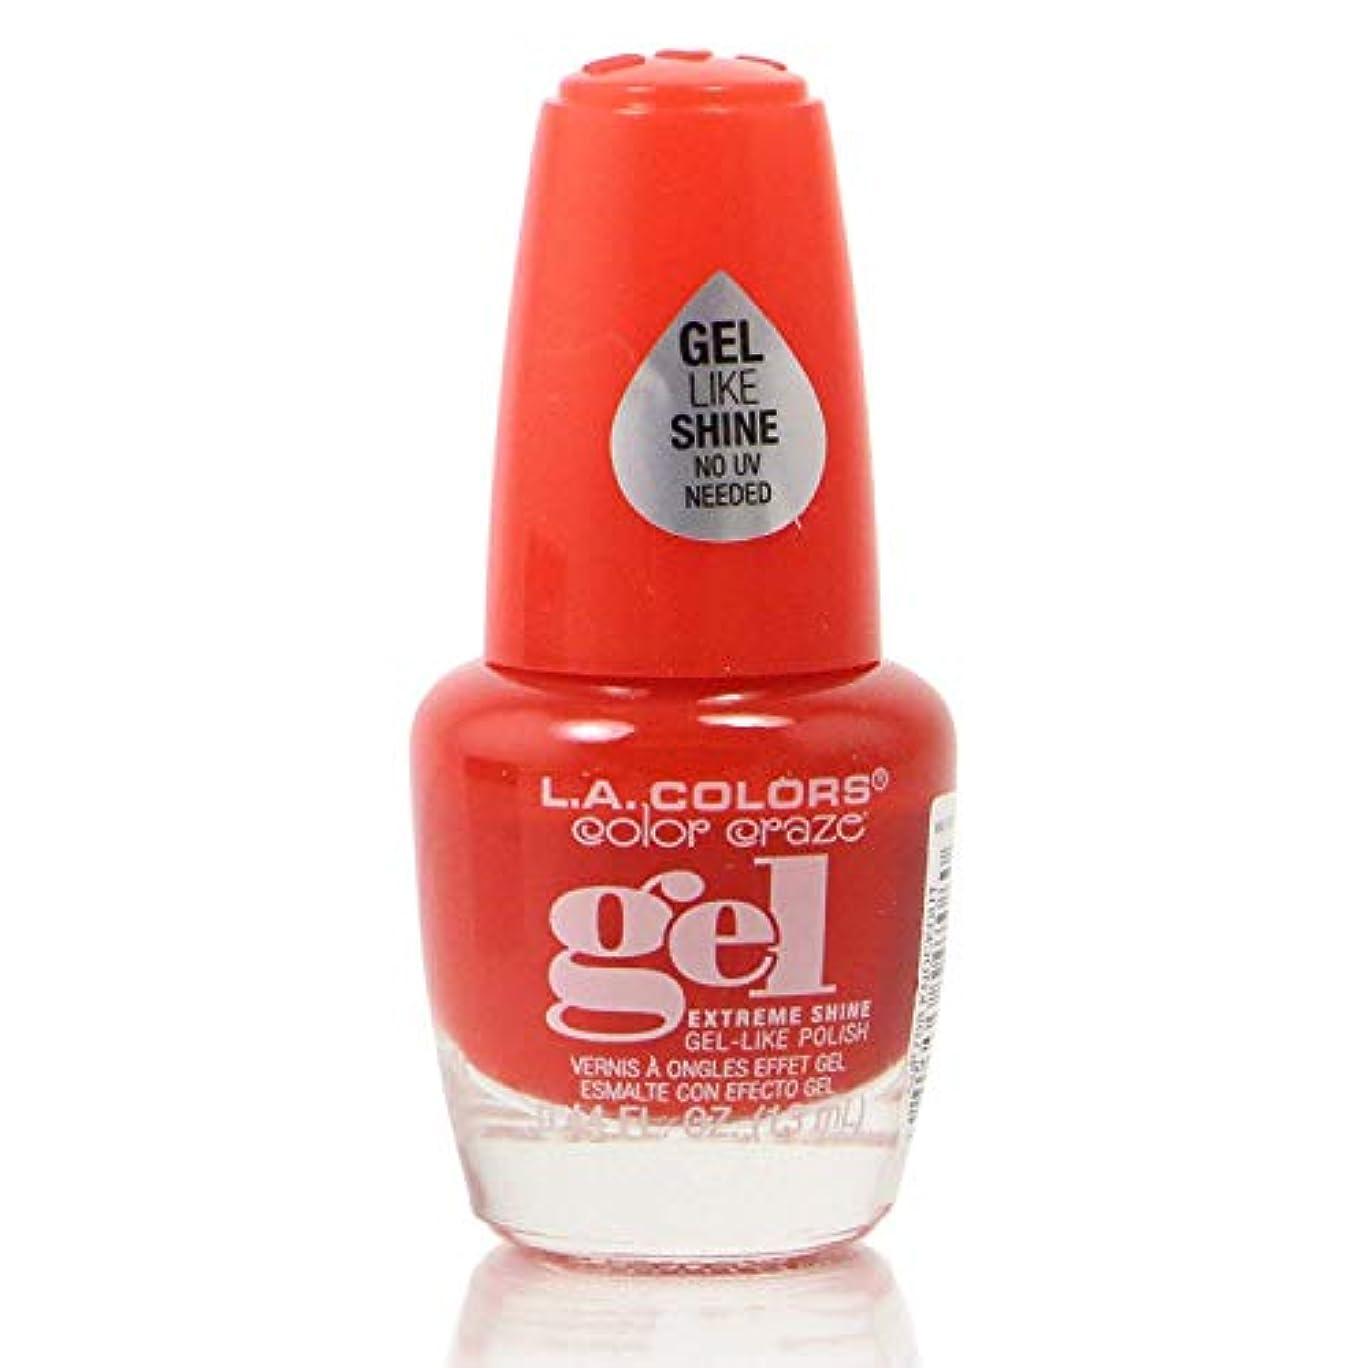 遠いブランデー三角LA Colors 美容化粧品21 Cnp708美容化粧品21